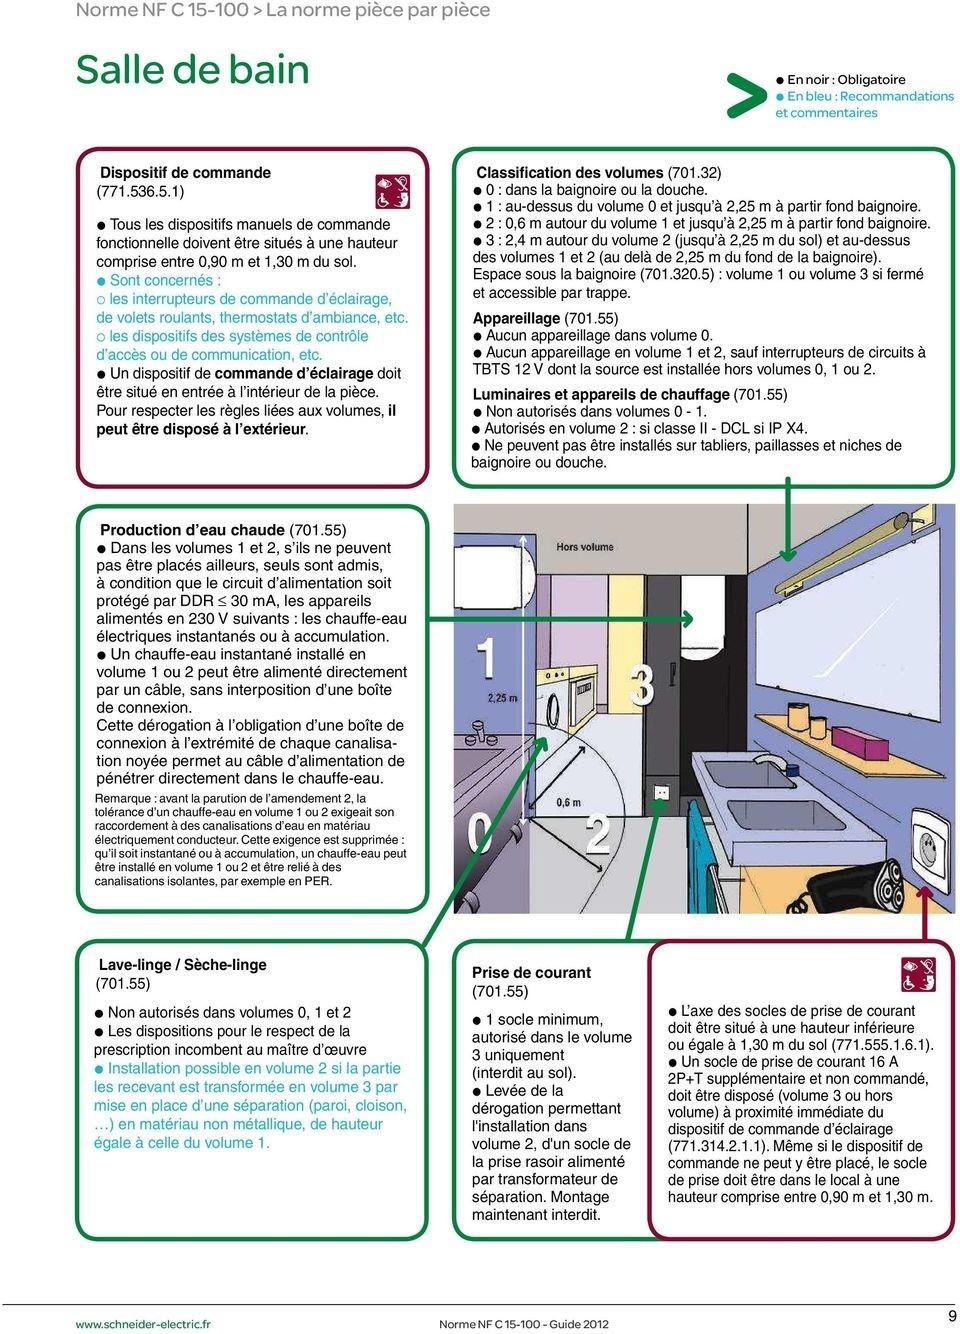 Norme electrique nfc 15-100 cuisine